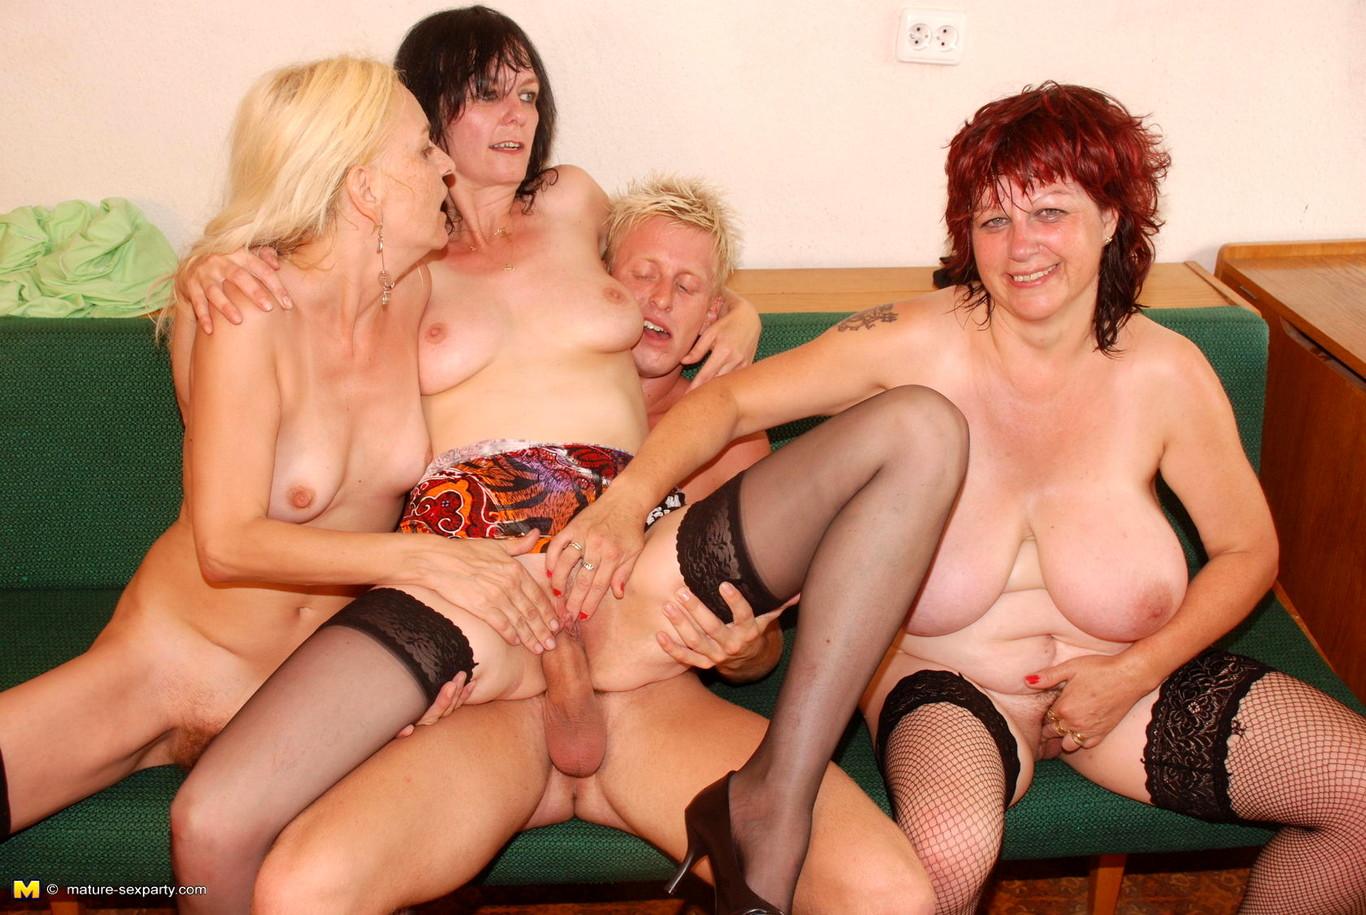 Три зрелые женщины и один парень, Три зрелые женщины и один студент счастливчик 1 фотография